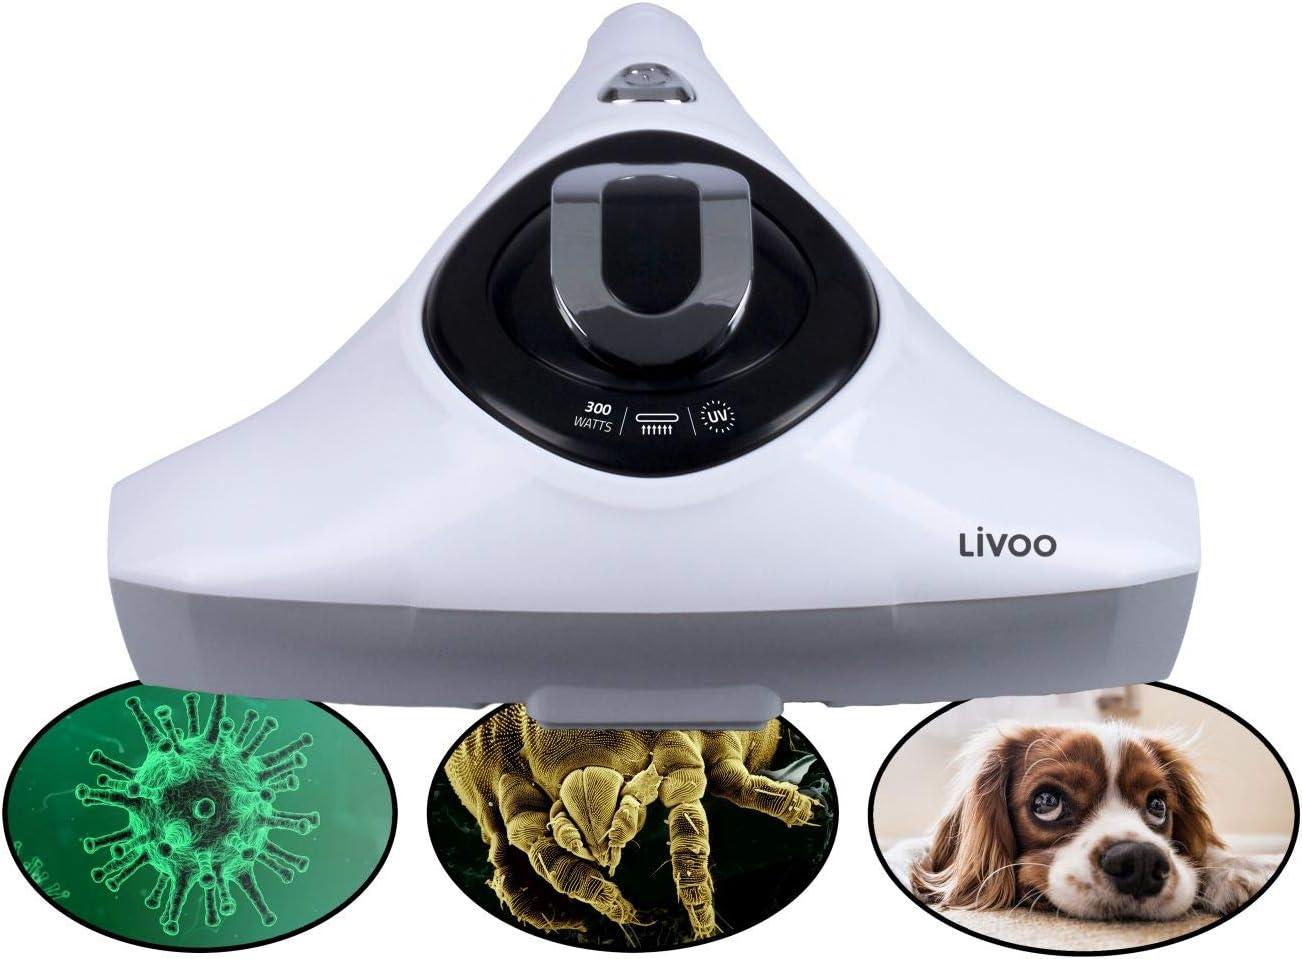 Aspirador de ácaros con luz UV y filtro HEPA para alérgicos (eliminador de pelo de animales, para colchones y aspirador de colchones): Amazon.es: Hogar